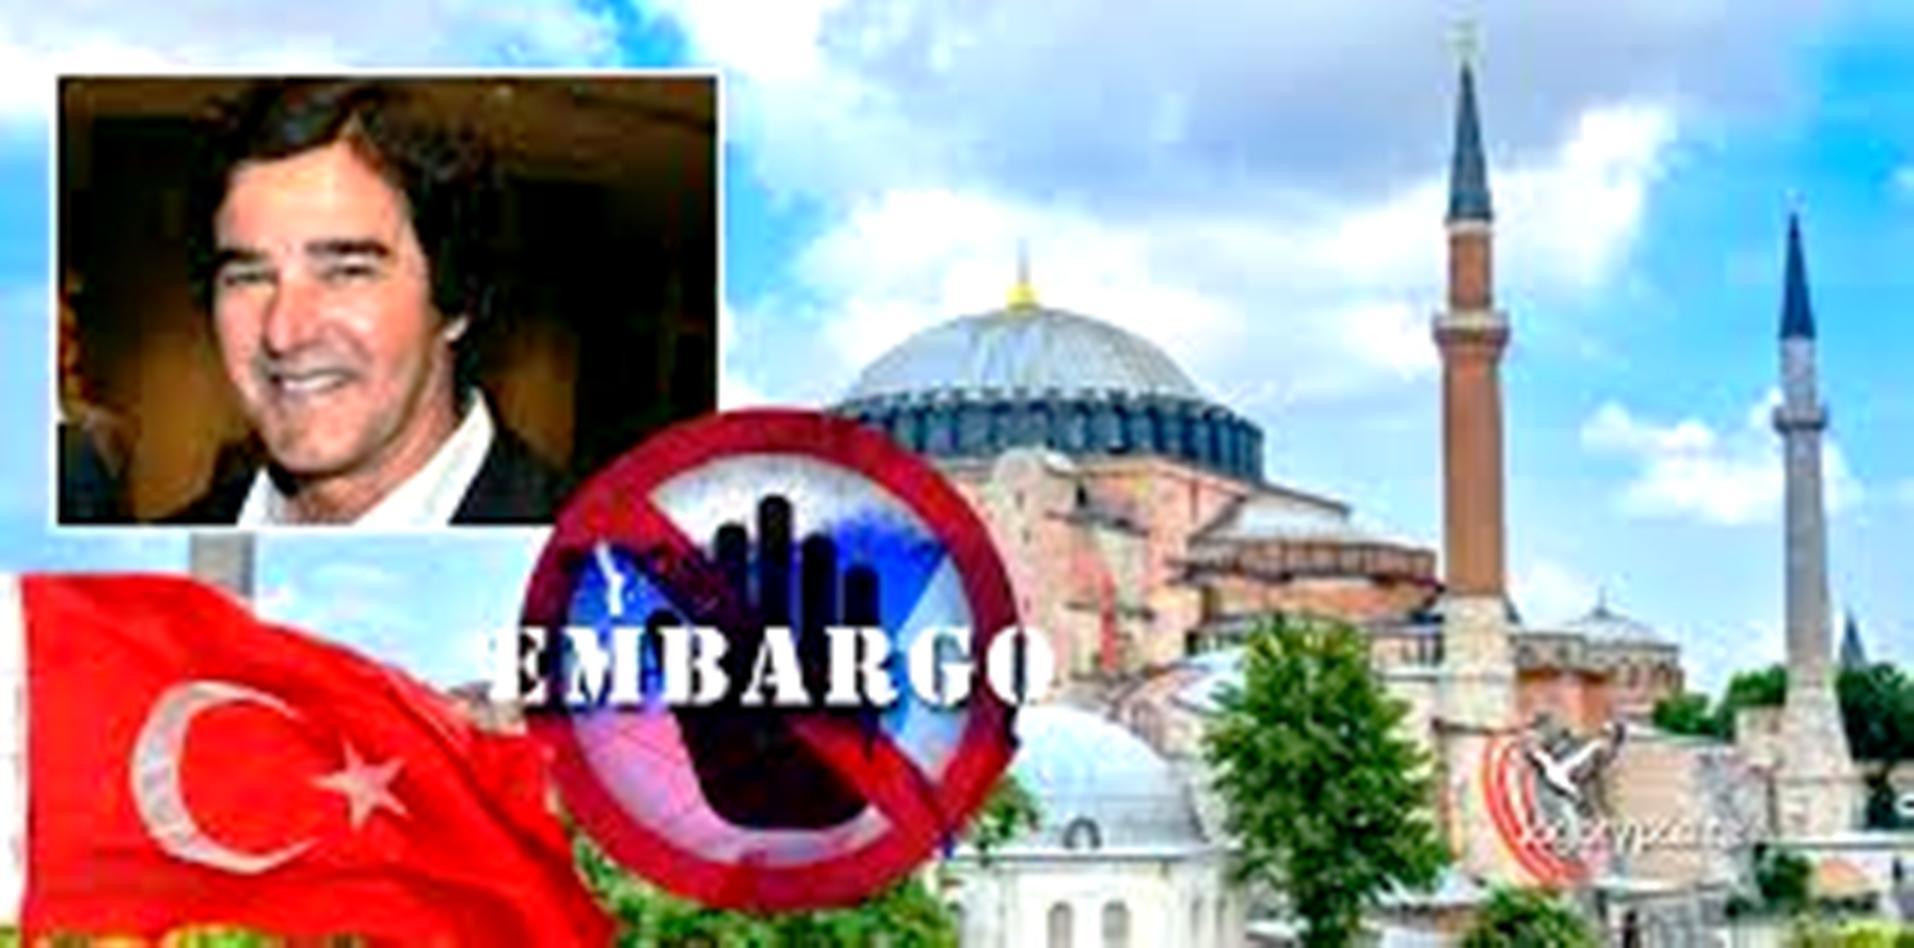 Εφοπλιστής Ανδρέας Μαρτίνος : ¨Να αποκλείσουν οι Έλληνες εφοπλιστές την Τουρκία από προορισμό για επισκευές και δεξαμενισμούς¨ !